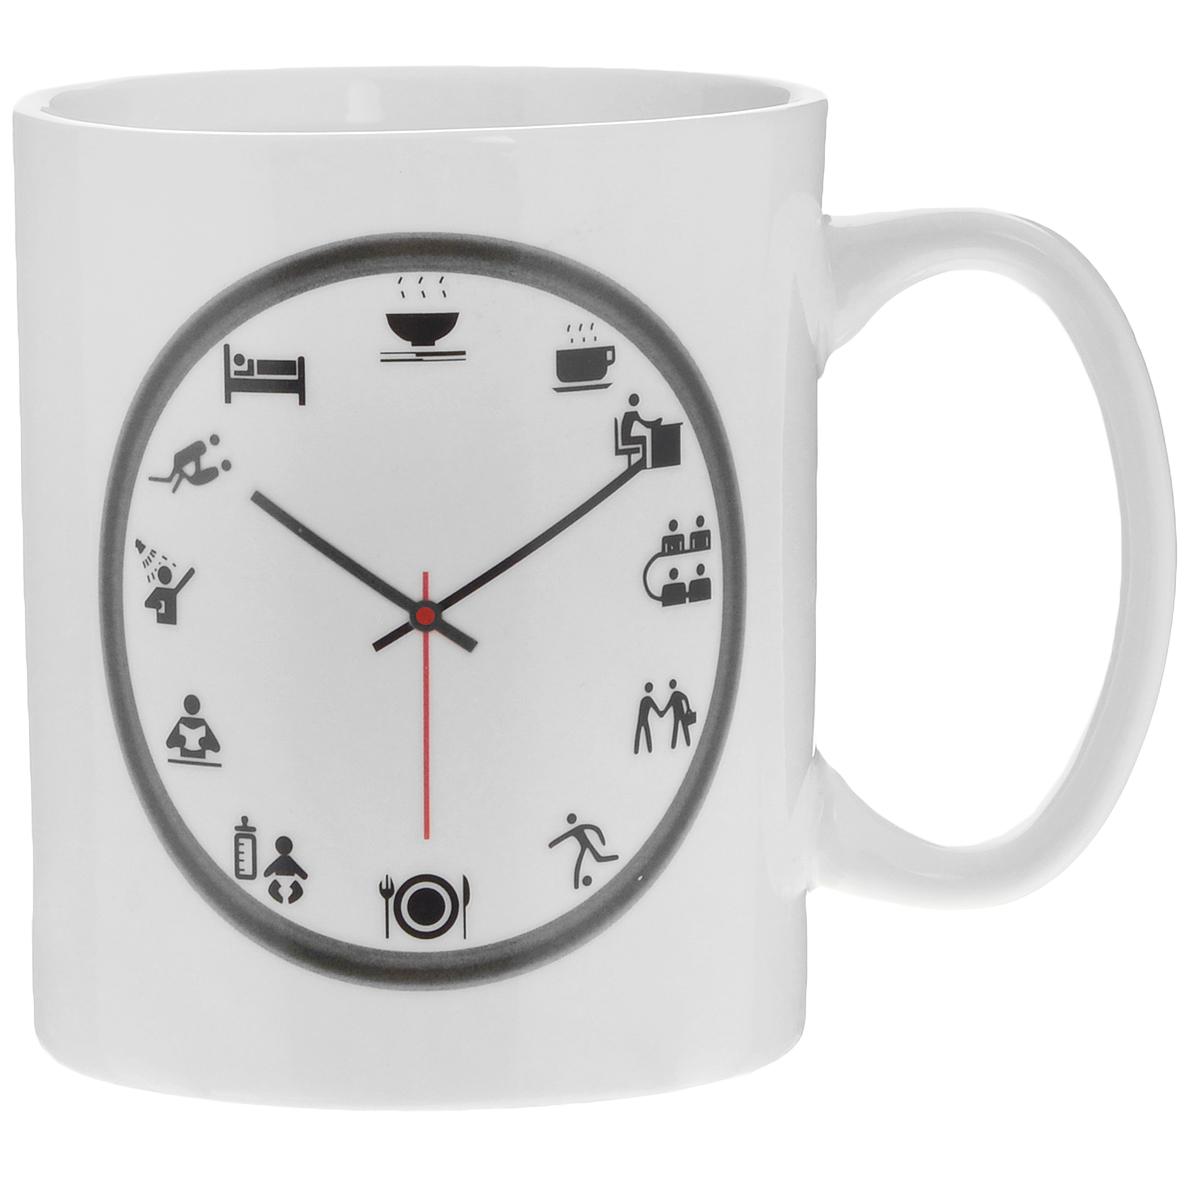 Кружка Личное время, 300 мл54 009312Кружка-хамелеон Личное время выполнена из высококачественного фарфора. Изменяет рисунок при нагреве. В холодном состоянии на кружке нарисованы часы. На циферблате черного цвета вместо часов изображены рисунки с изображением того, что принято делать в тот или иной час. Если в нее налить горячий напиток, то стрелка и рисунок на десяти часах вечера меняют цвет с темного на красный. Такой подарок станет не только приятным, но и практичным сувениром: кружка станет незаменимым атрибутом чаепития, а оригинальный дизайн вызовет улыбку.Нельзя мыть в посудомоечной машине. Можно использовать в микроволновой печи. Диаметр по верхнему краю: 7,2 см.Высота кружки: 9 см.Объем: 300 мл.